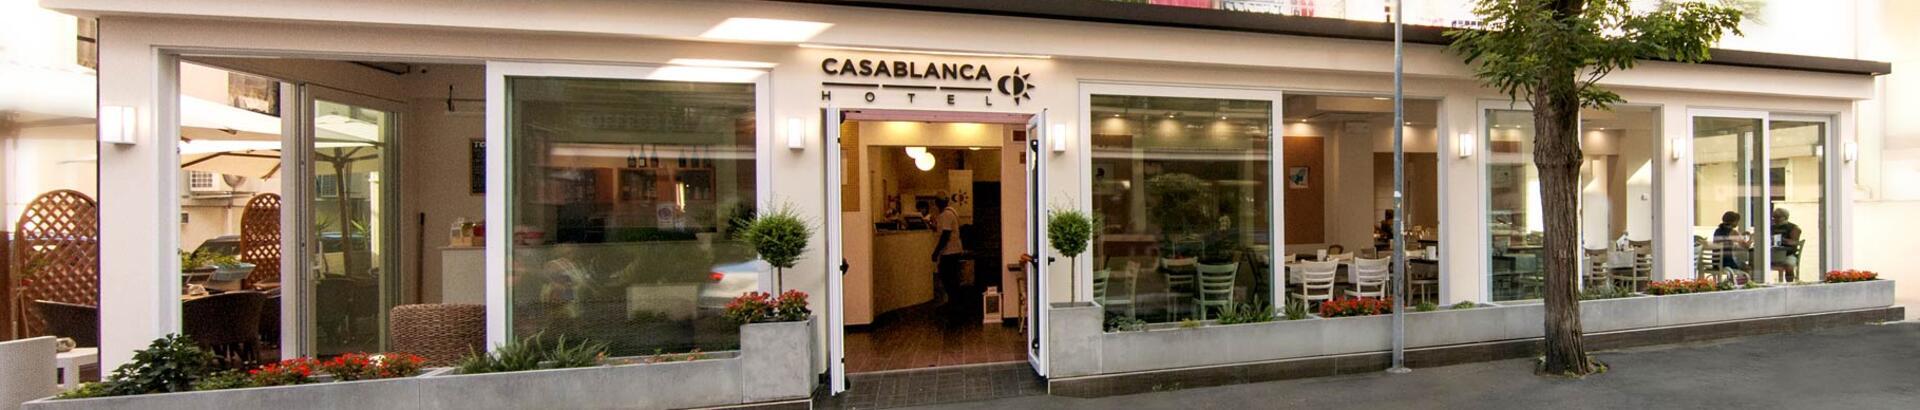 hotelcasablanca it commenti 004